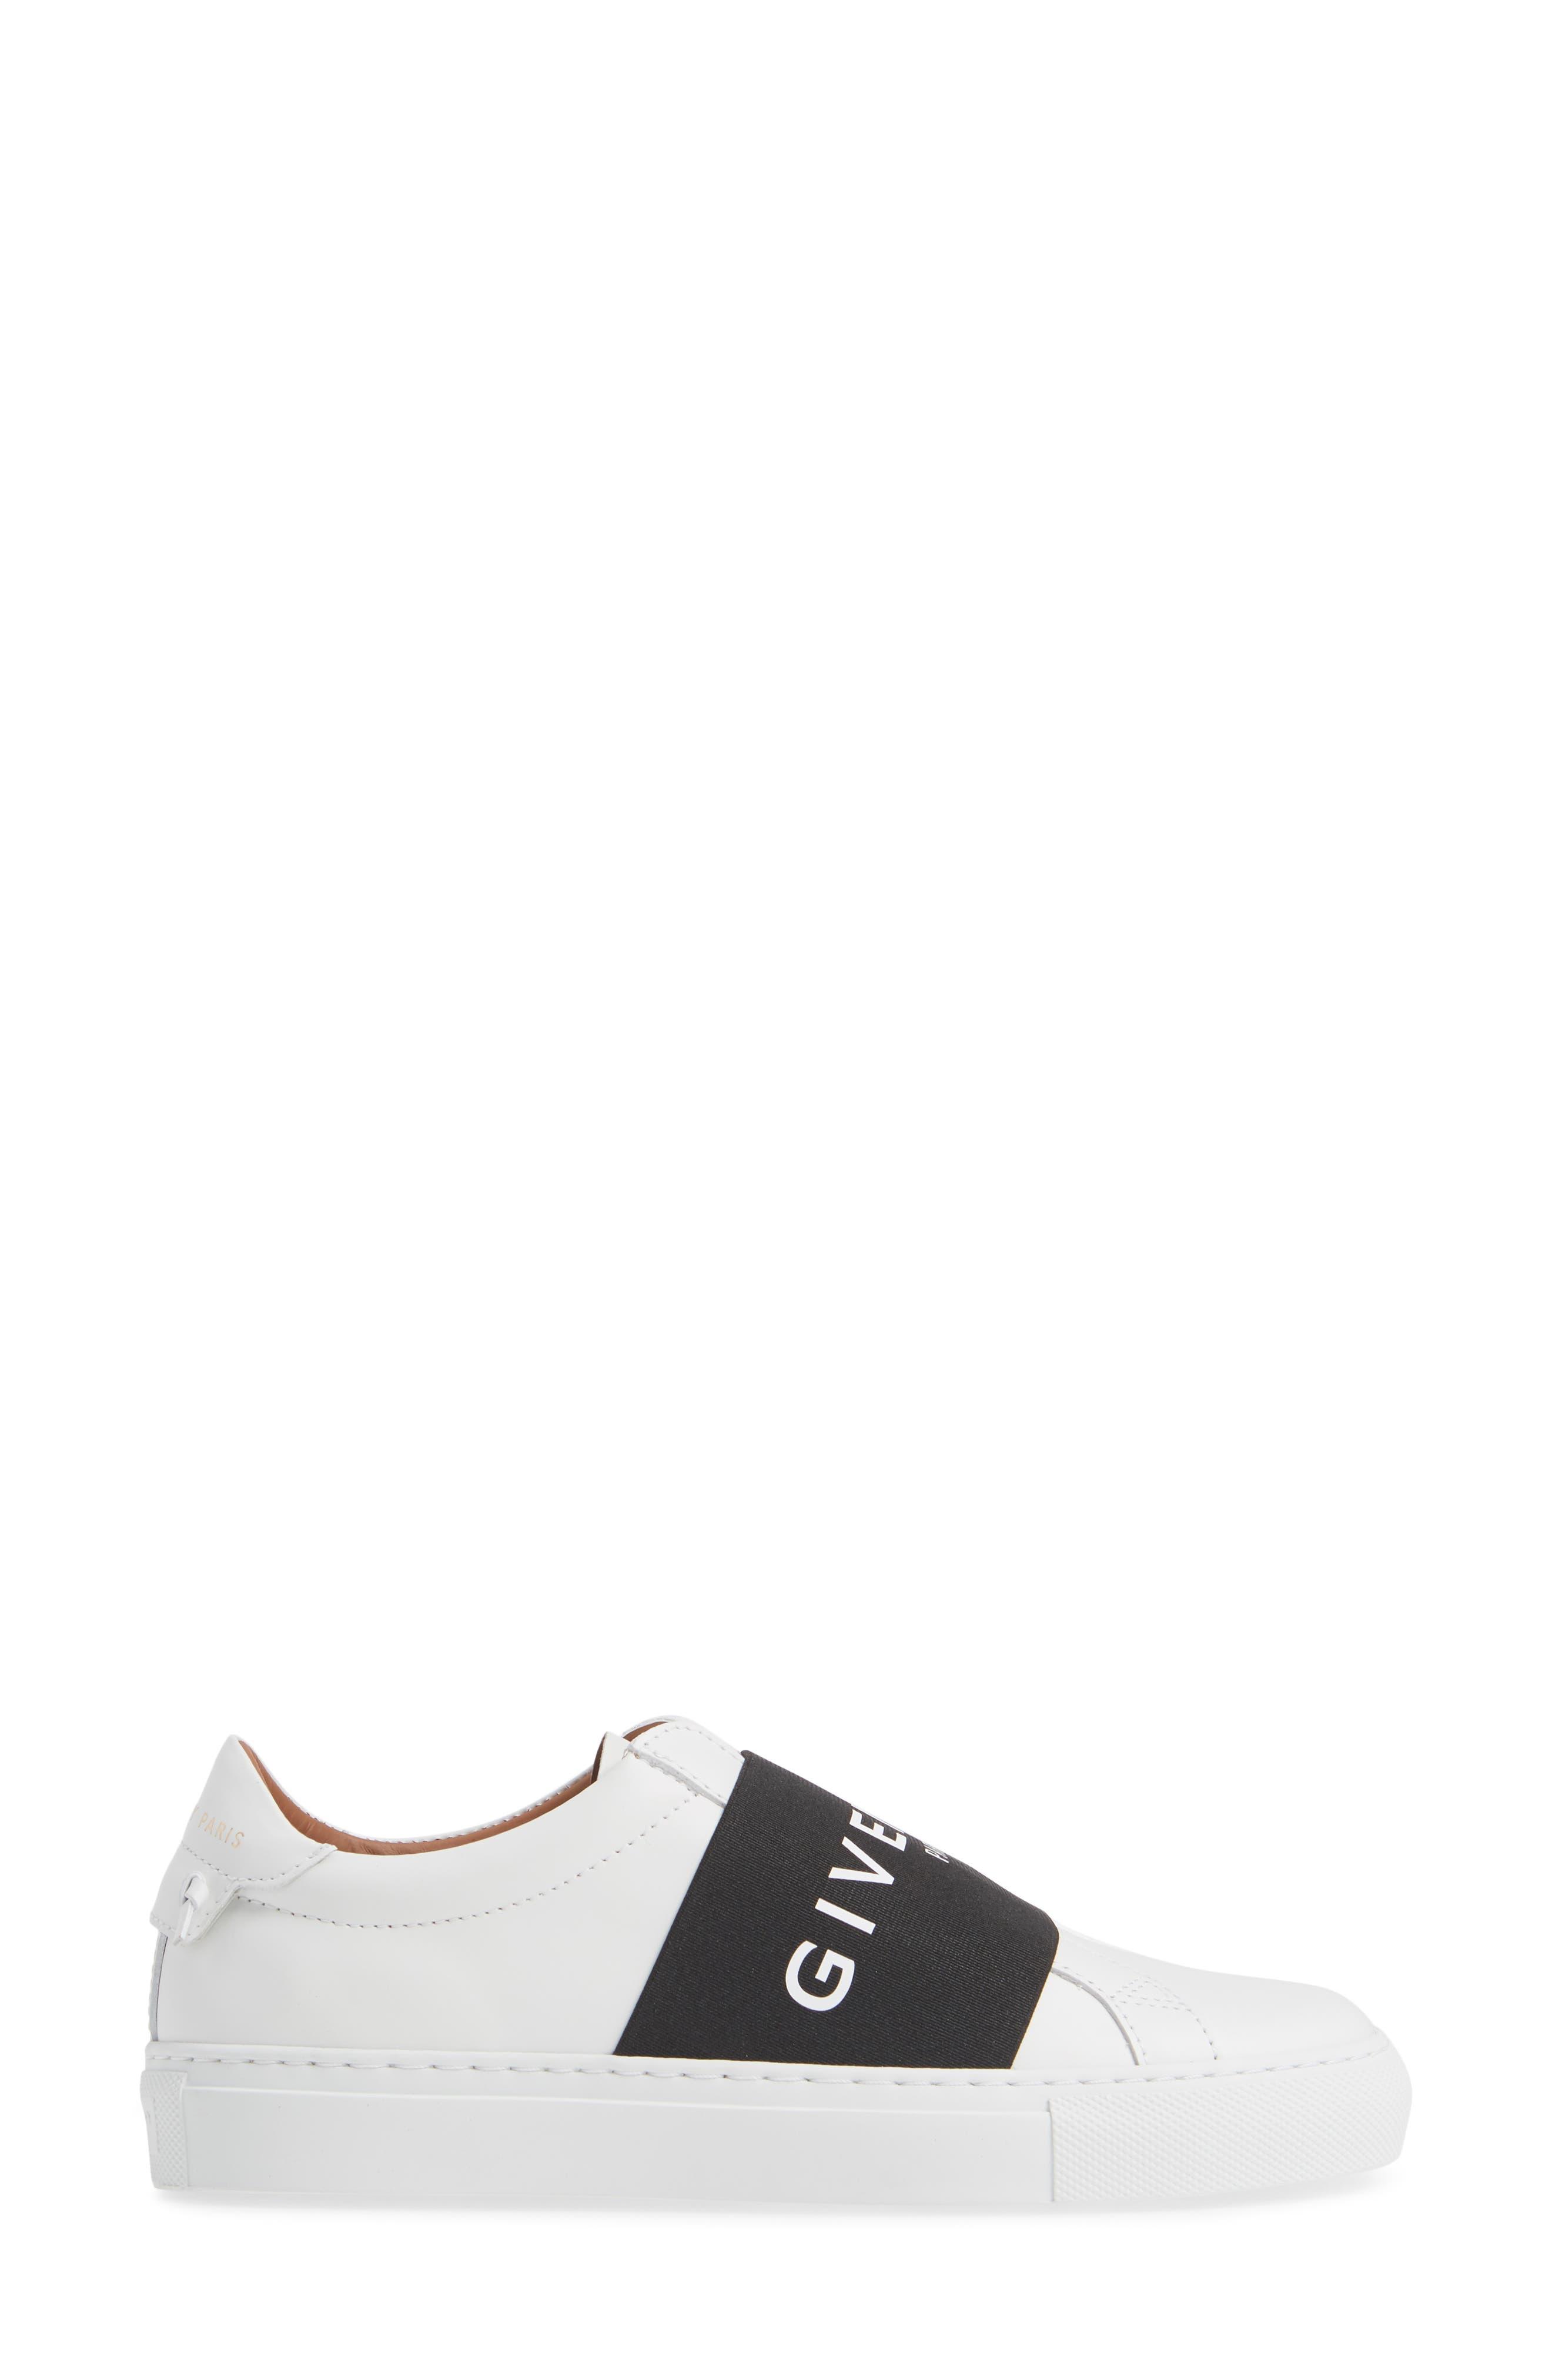 GIVENCHY, Logo Strap Slip-On Sneaker, Alternate thumbnail 3, color, WHITE